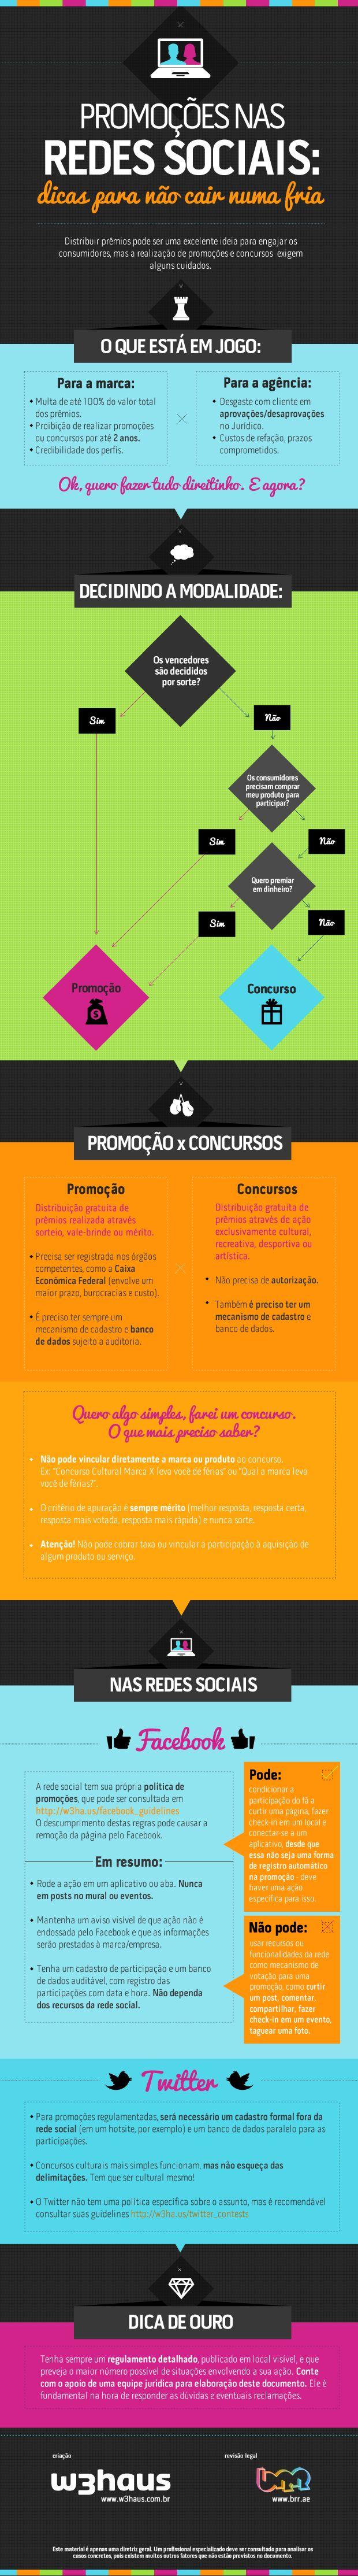 Promoção x Concurso cultural nas redes sociais. O que pode e não pode? #infográfico